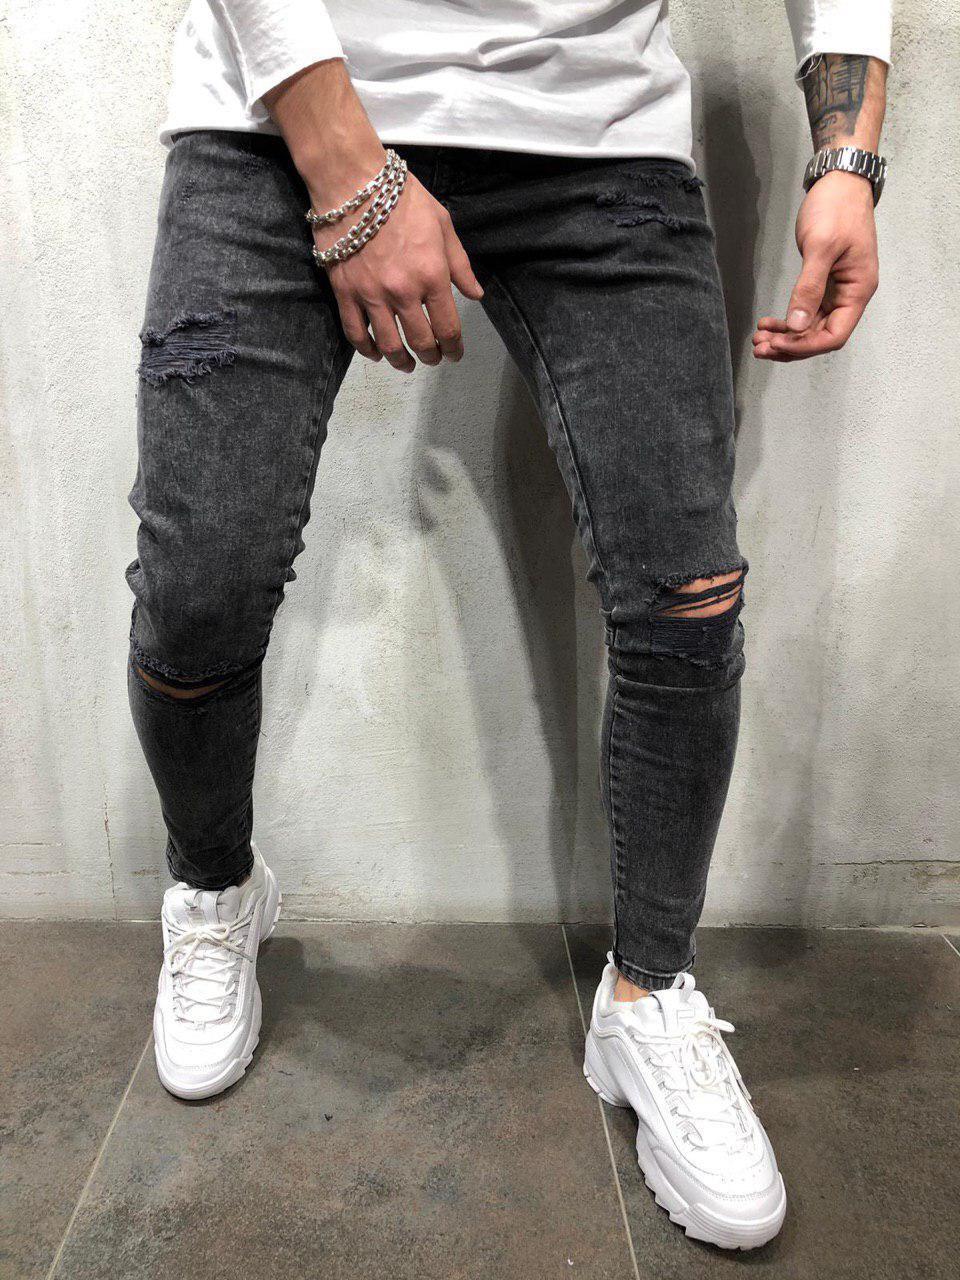 4eb5c52f814 Мужские зауженные джинсы рваные черные с двойными швами - Интернет-магазин  обуви и одежды KedON